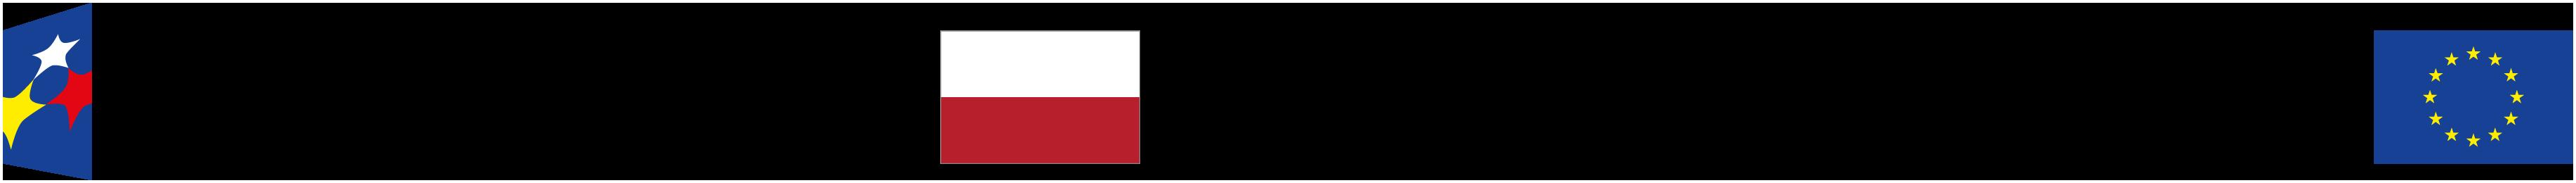 Logo Funduszy Europejskich, Flaga Polski i Unii Europejskiej